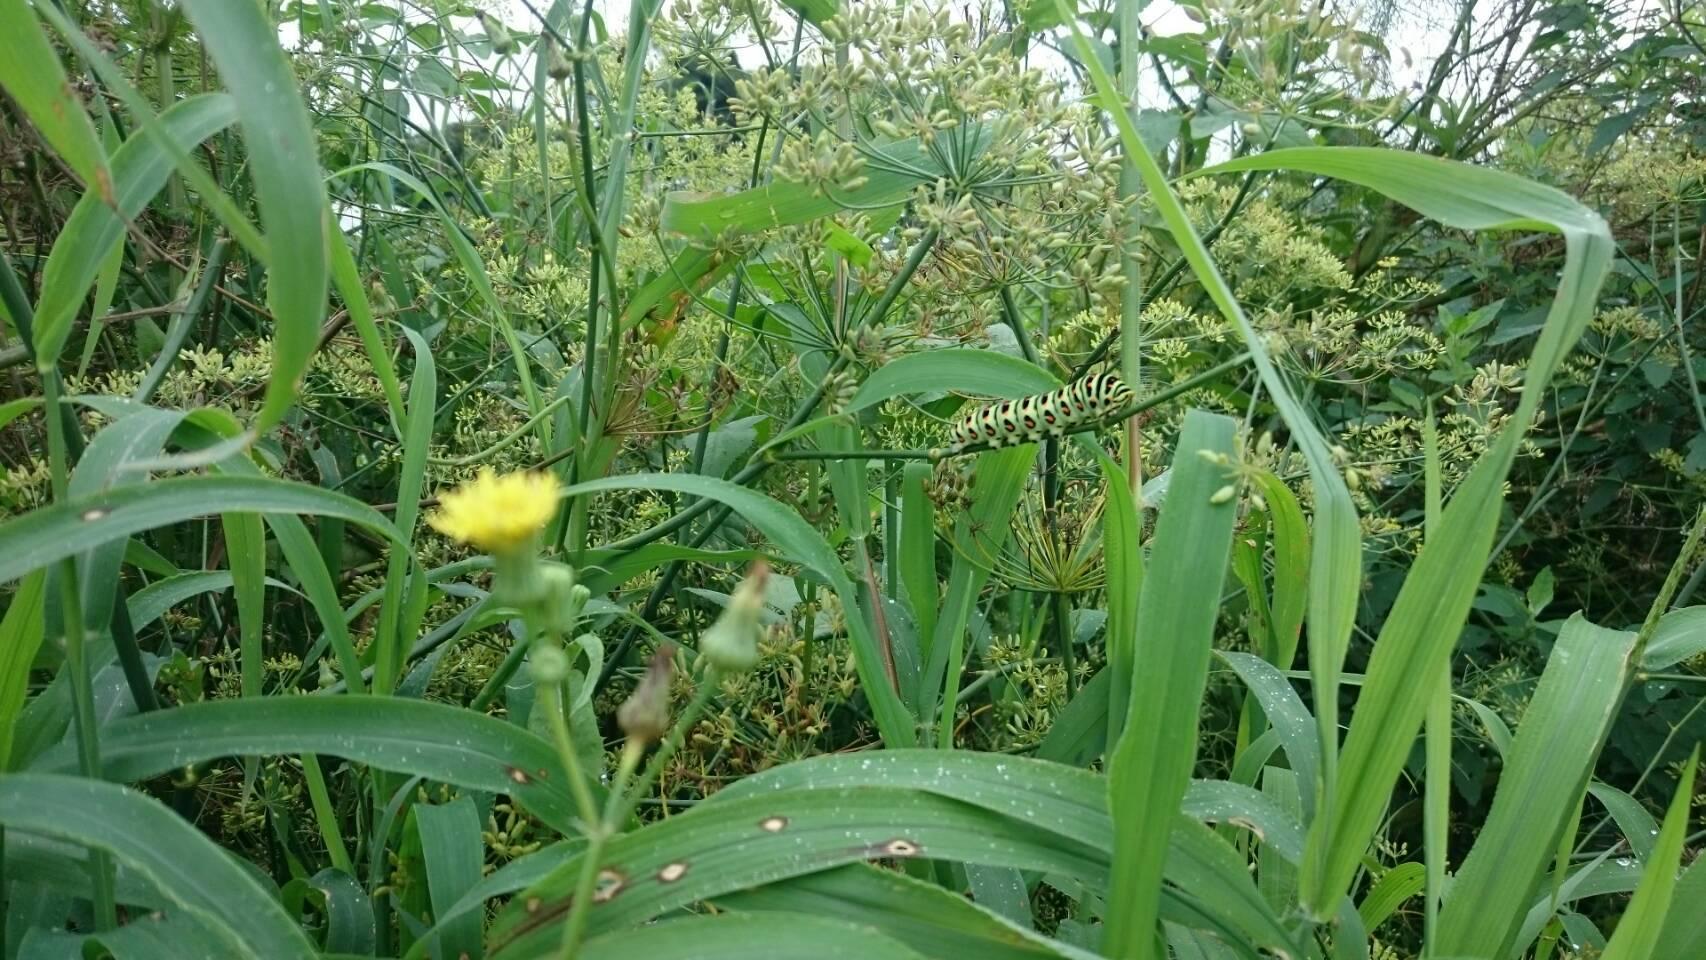 昨日播種した 畝 昨晩の豪雨で心配でした  結果セーフ!_c0222448_13540375.jpg